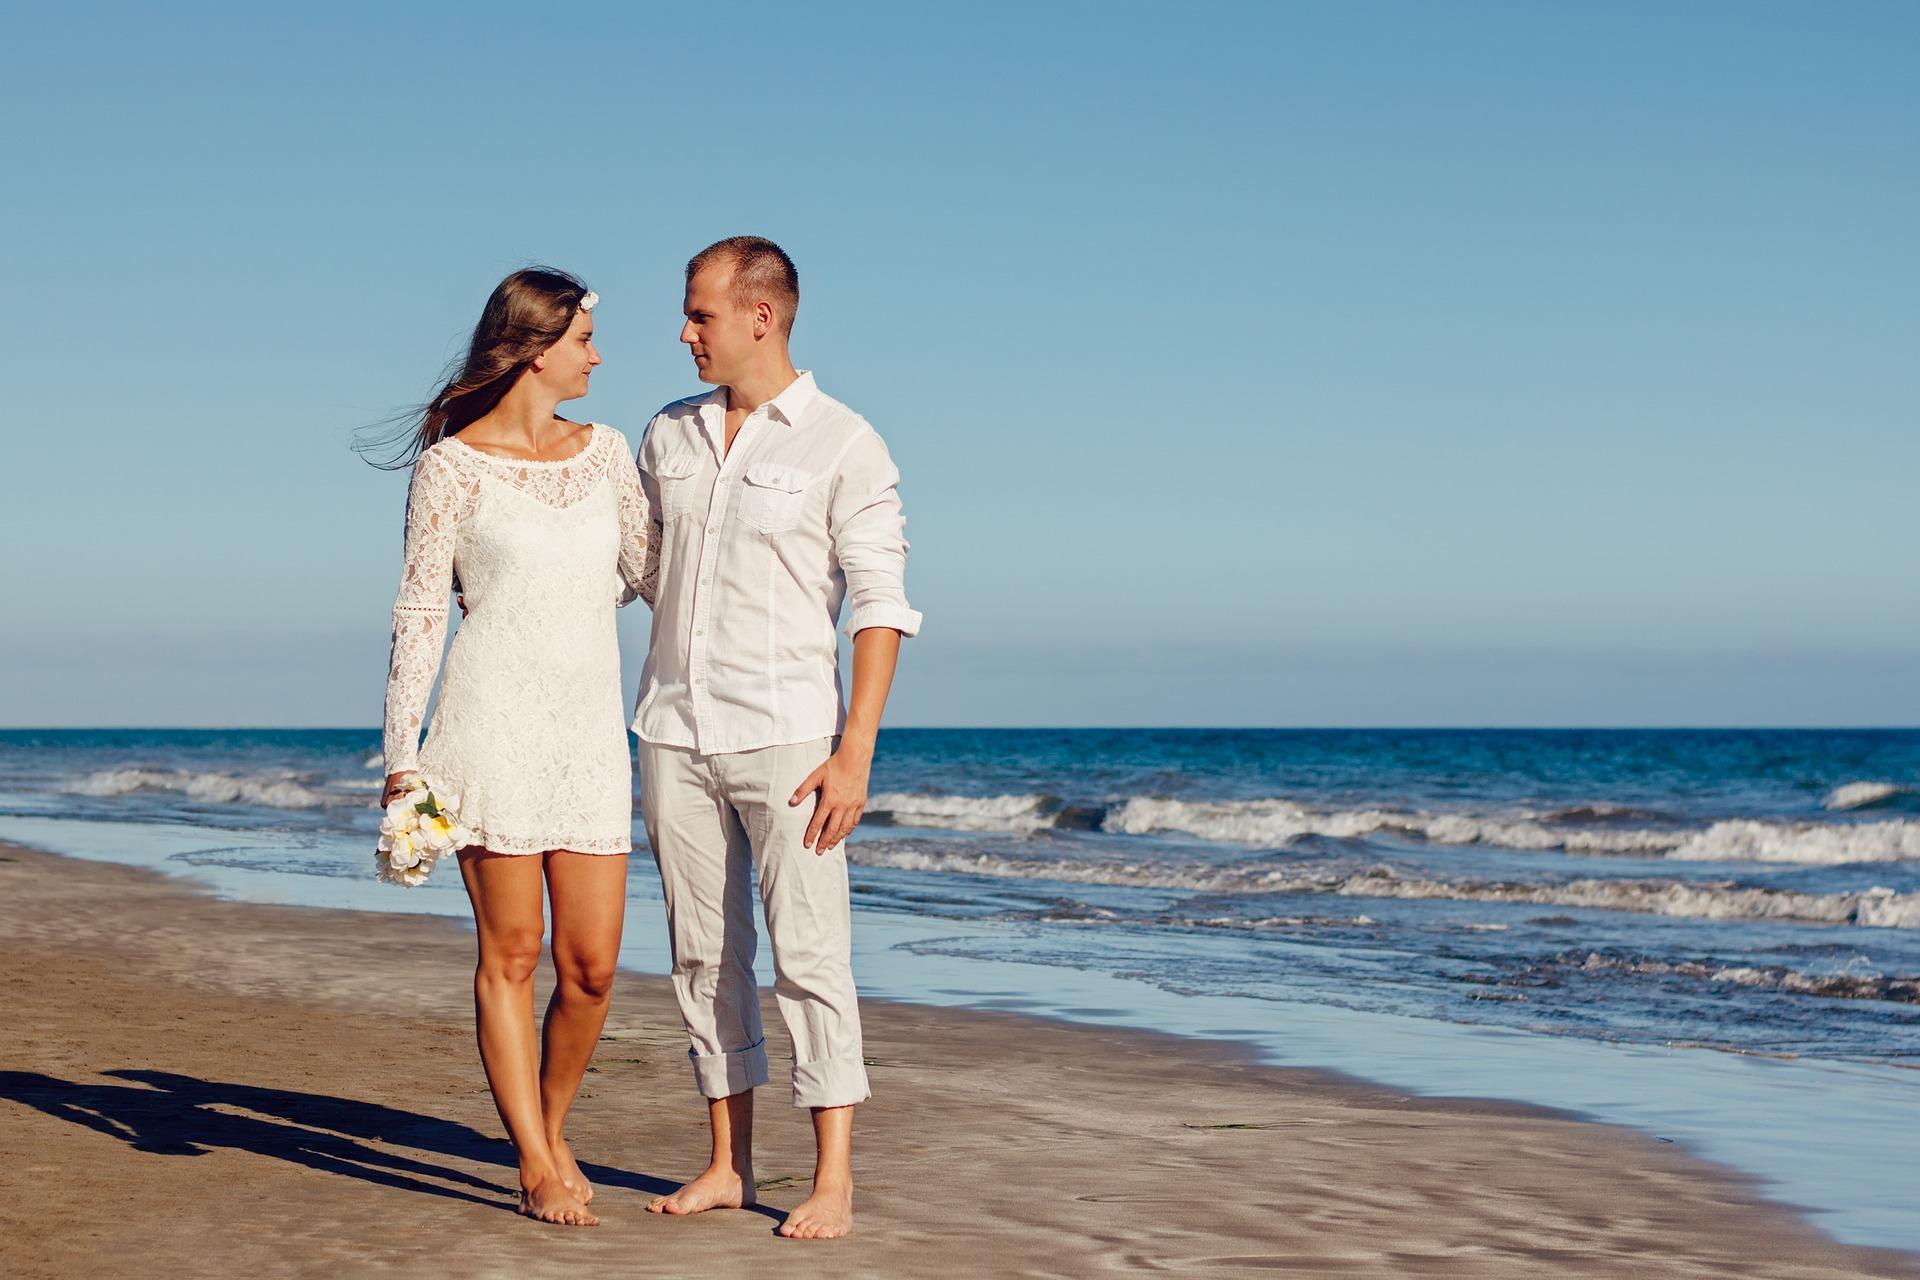 Boda en playa ¿Cómo elegir el vestido ideal?